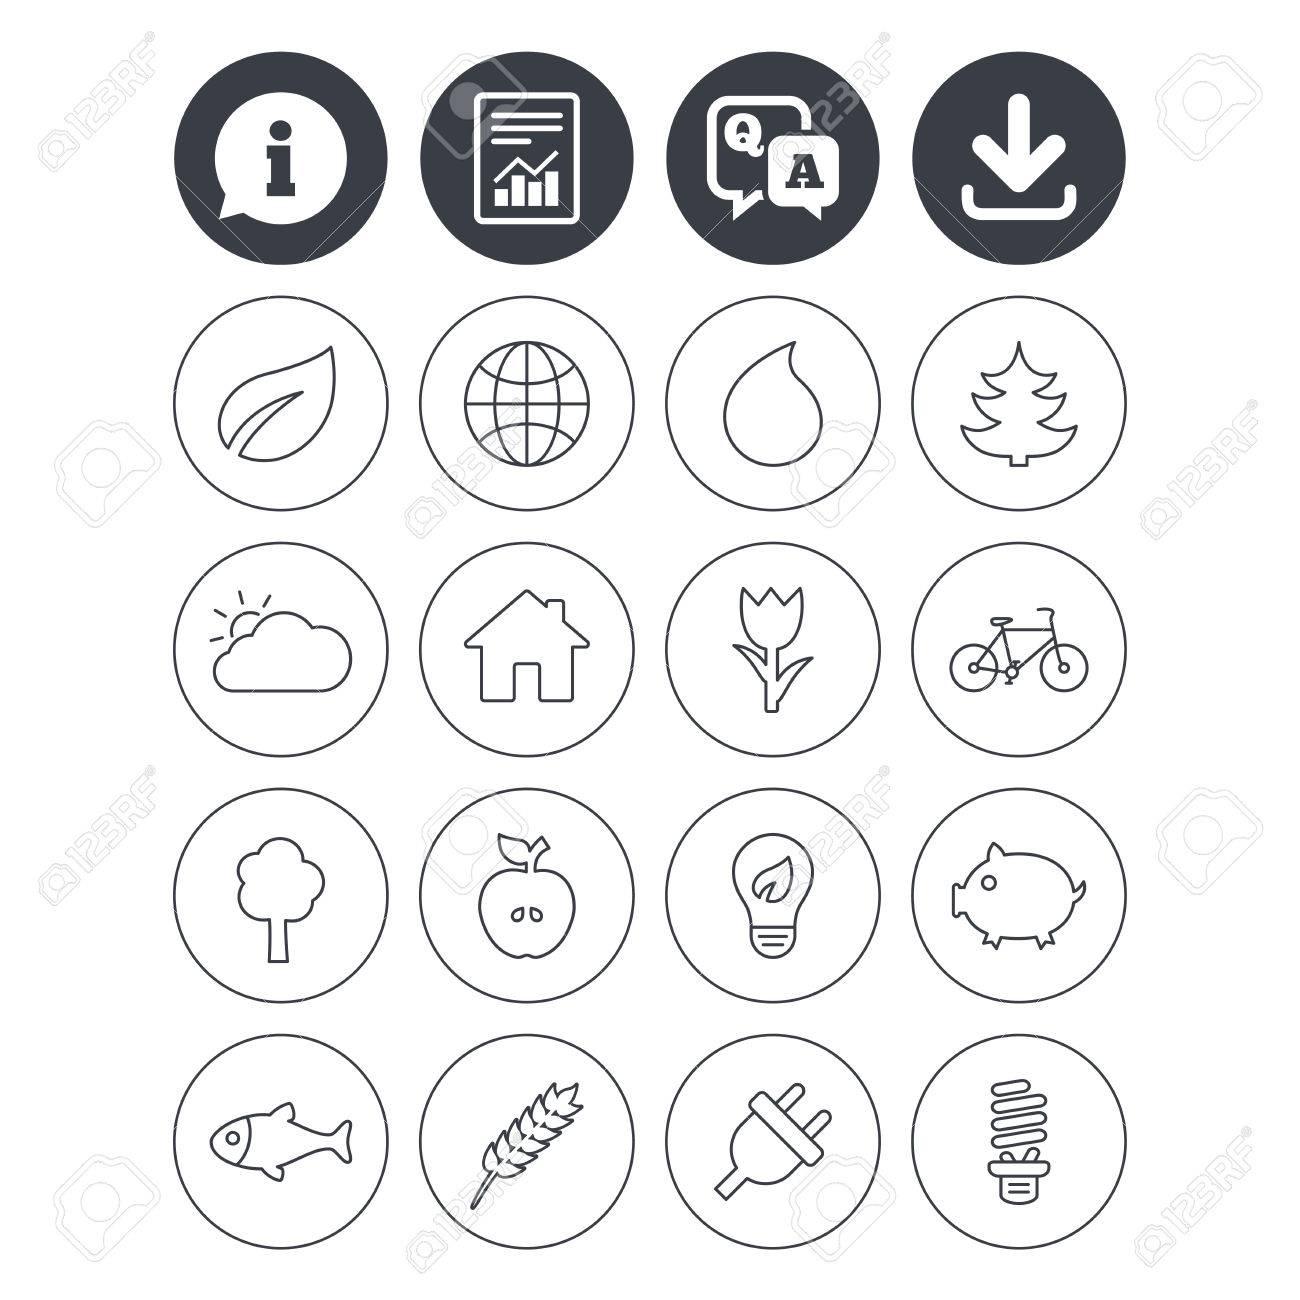 Information Telechargement Et Signalement Des Signes Icones Nature